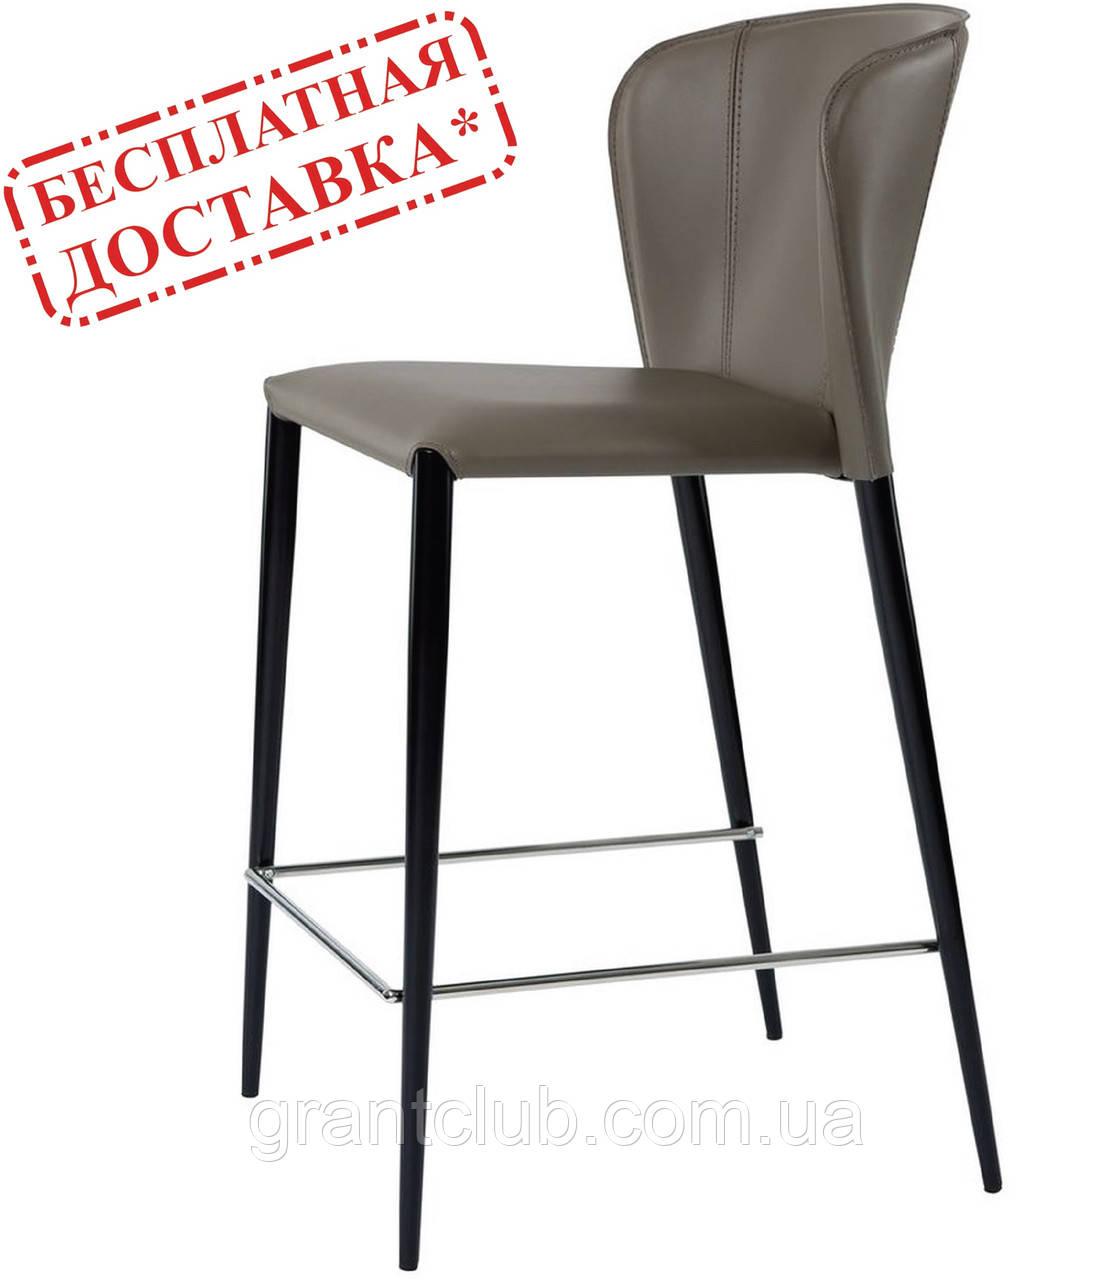 Полубарный стул Arthur (Артур) кожа пепельно-серый Concepto (бесплатная доставка)